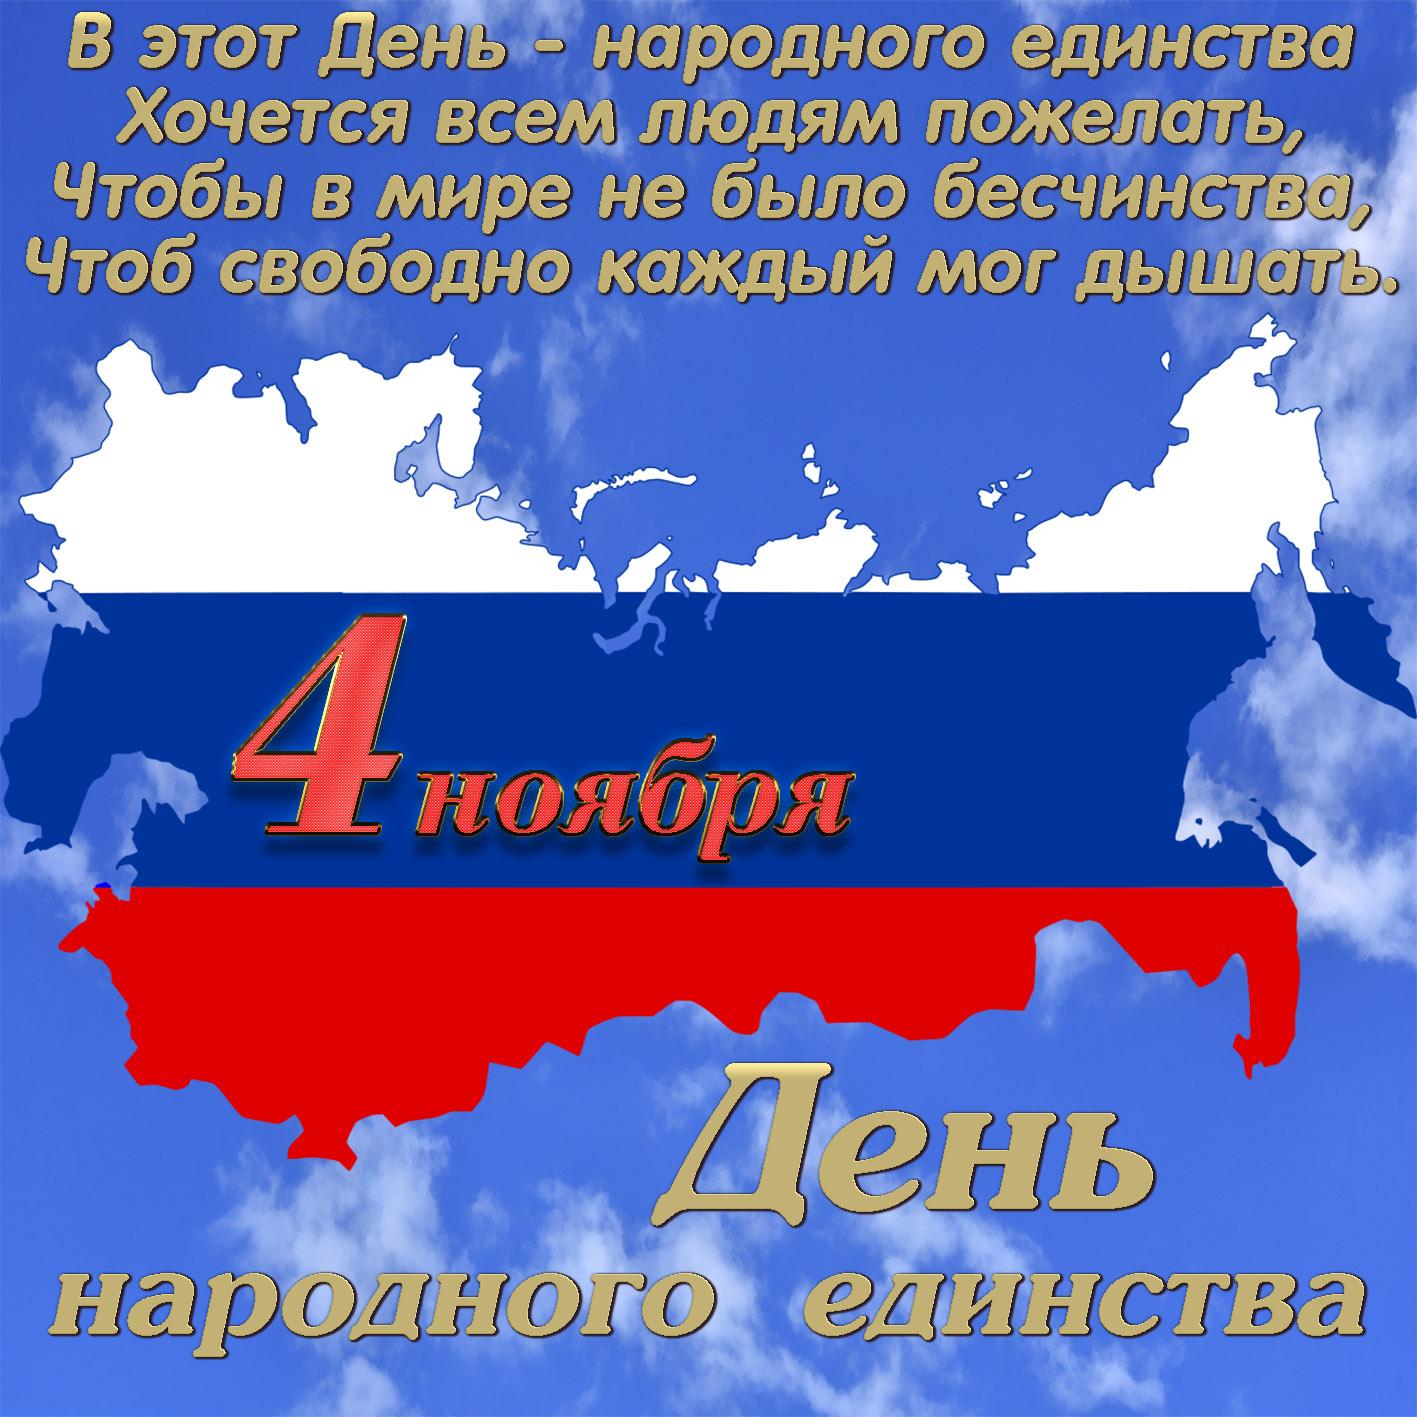 Поздравление с 4 ноября день народного единства гифки